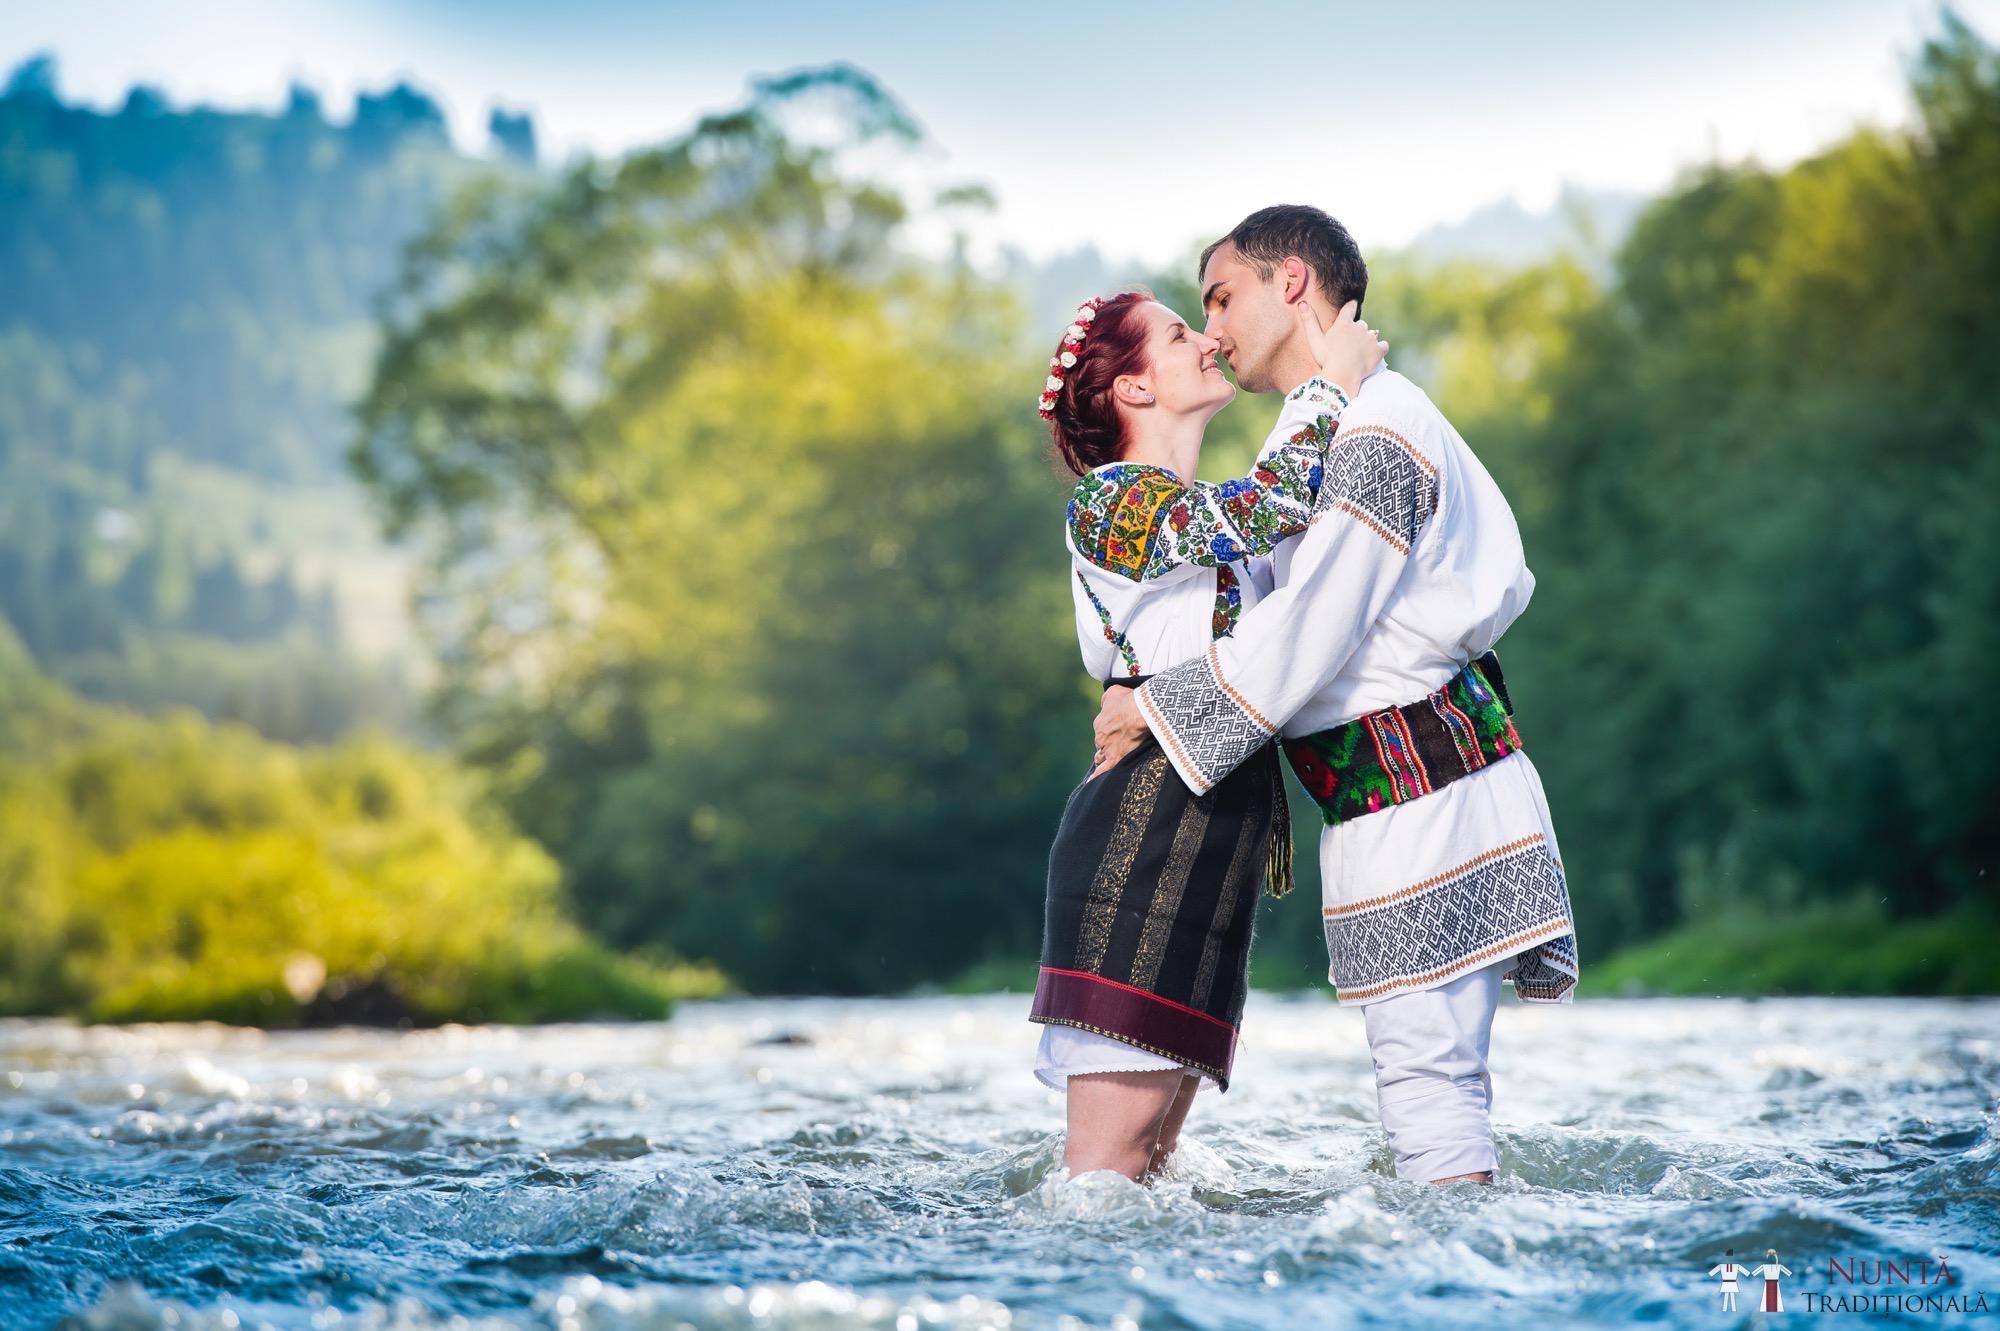 Povești Nunți Tradiționale - Gabriela și Mădălin - Nuntă Tradițională în Suceava, Bucovina 9